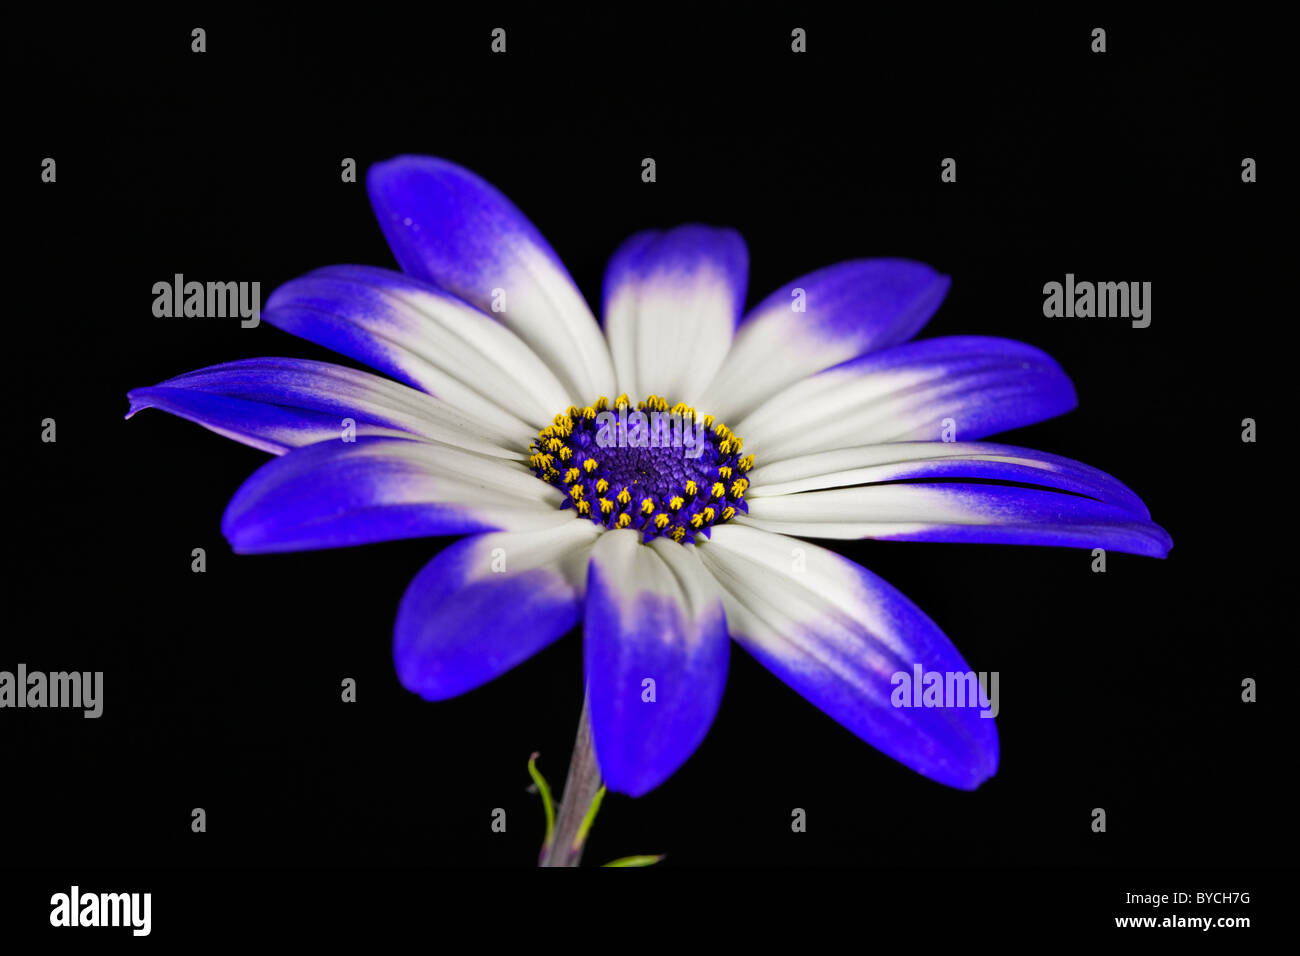 Plant portrait of senetti flower - Stock Image